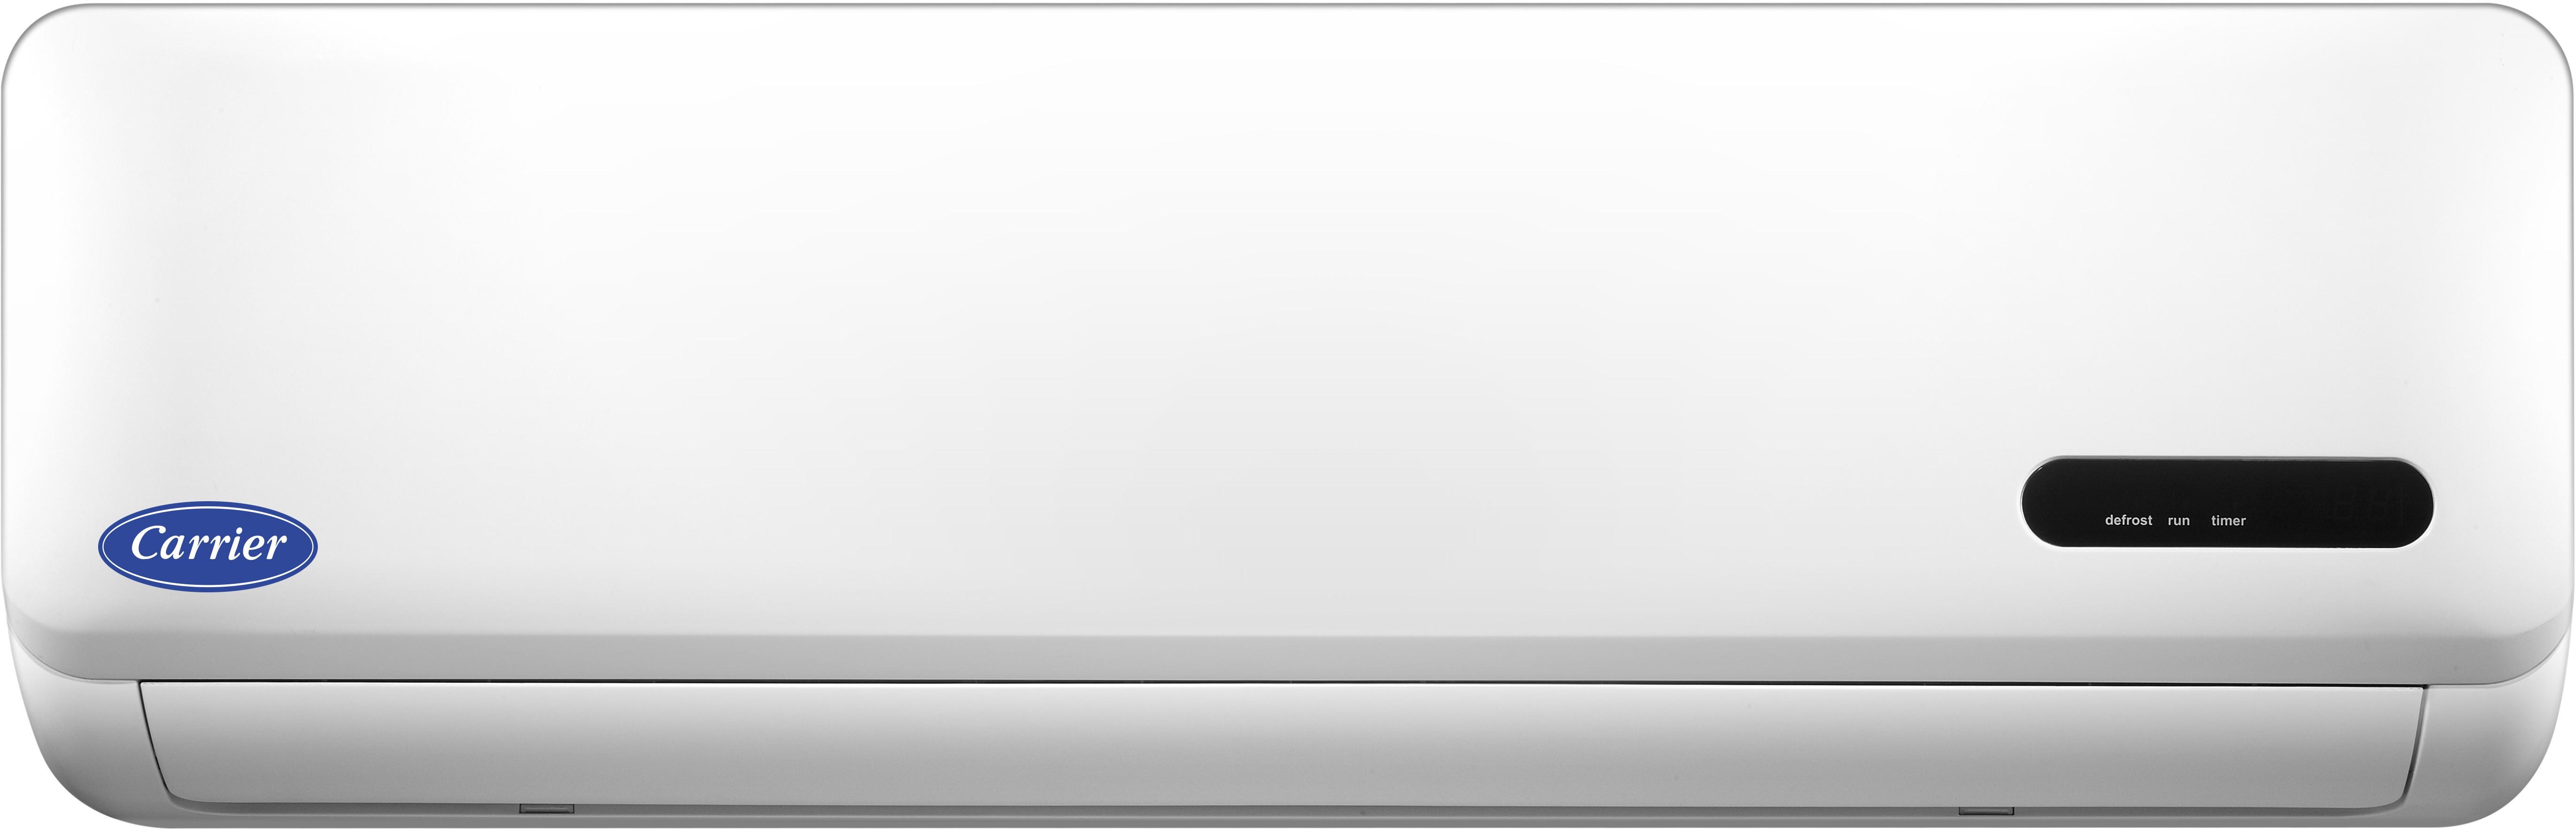 Home appliances > Carrier > Carrier 18k Ester 1.5 Ton 3 Star Split Ac #2D4698